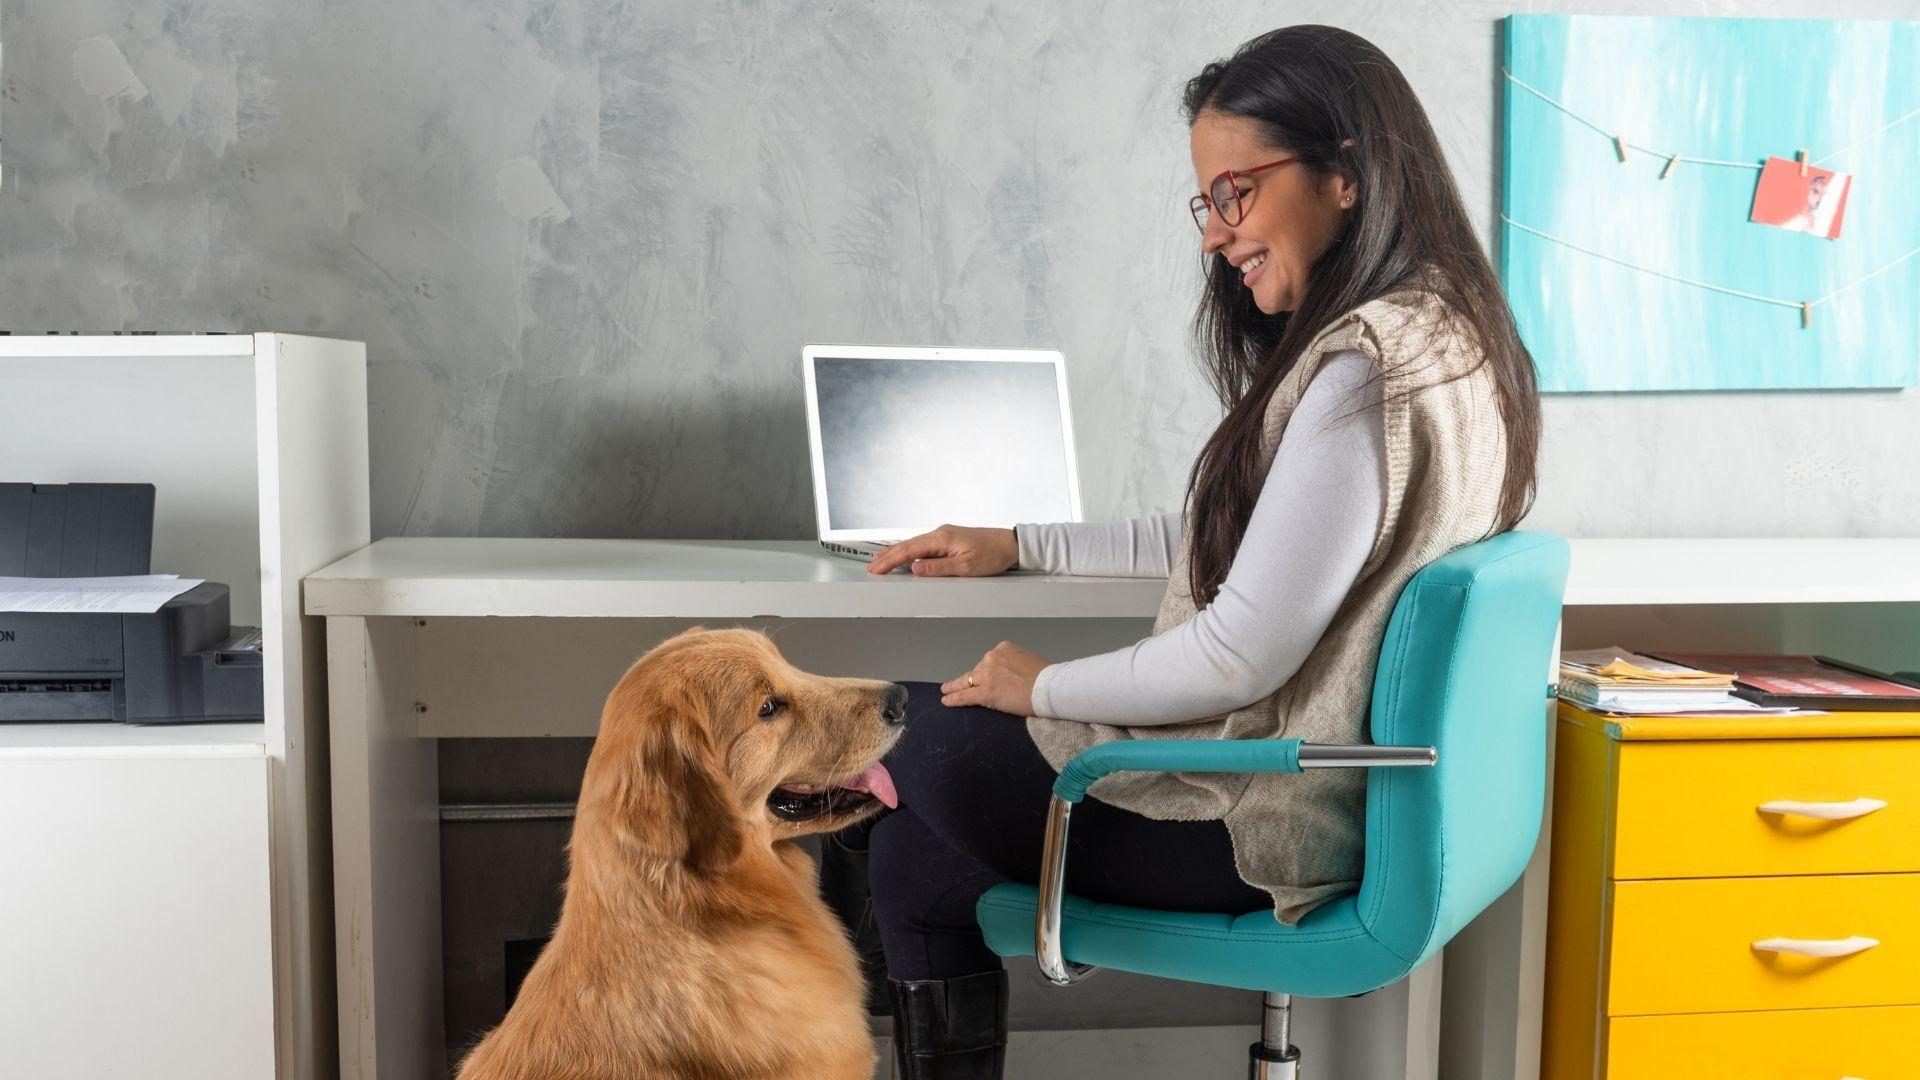 woman and esa dog at work